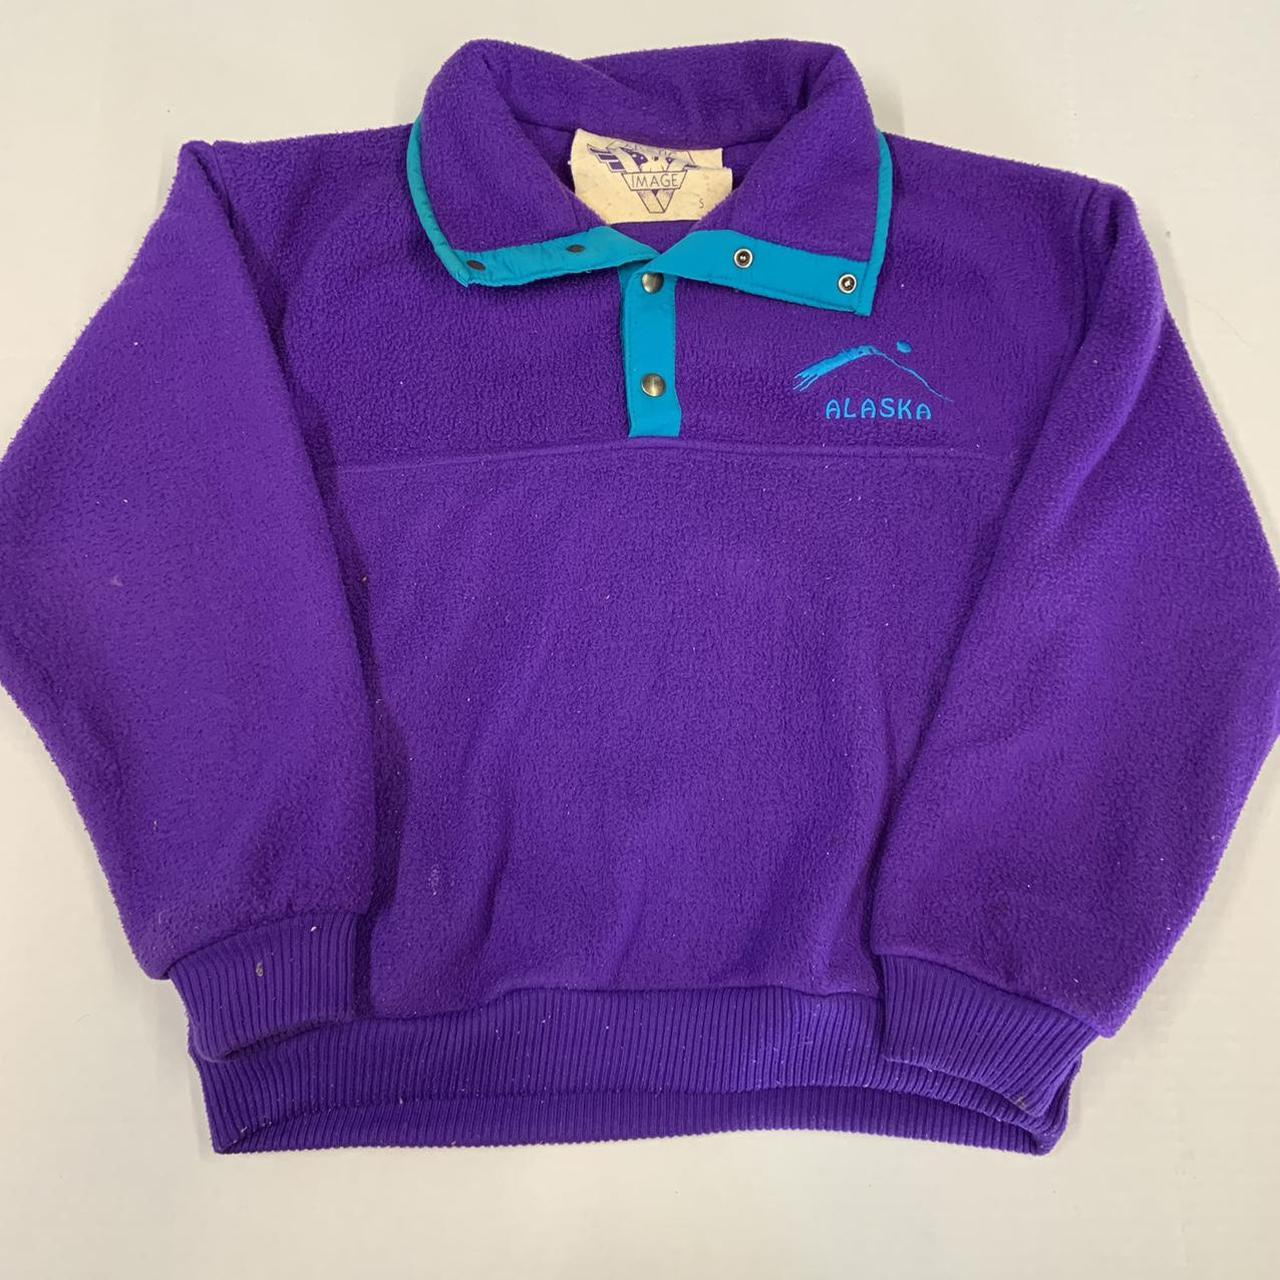 Product Image 1 - Vintage 80s/90s Purple Embroidered Alaska